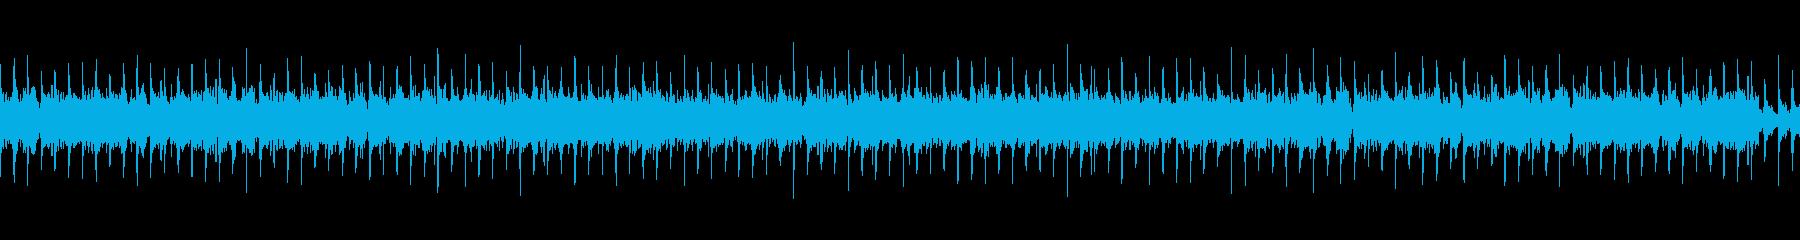 ドライブ感のあるヘヴィロックサウンドの再生済みの波形